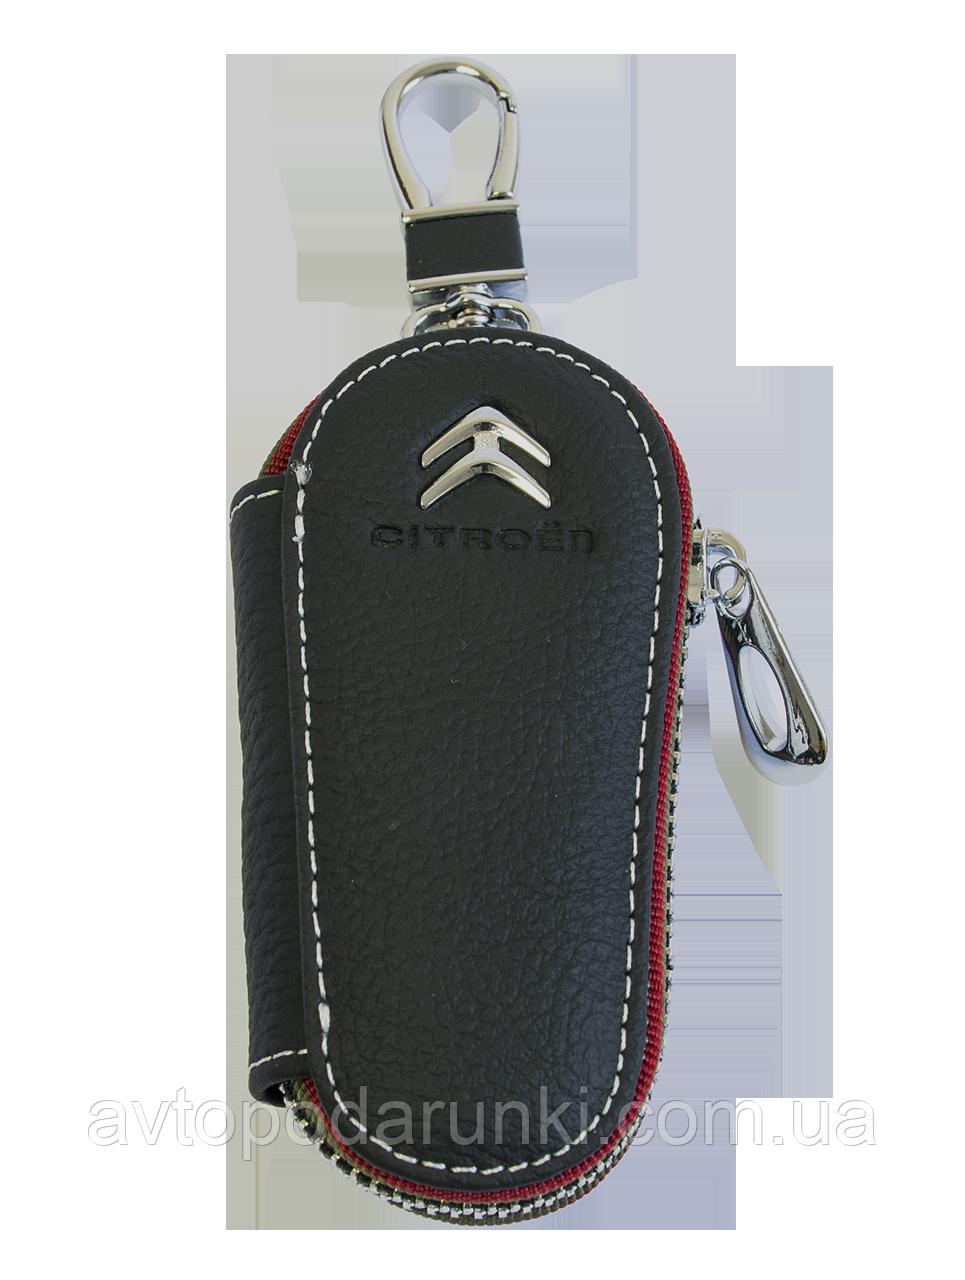 Ключниця CITROEN, шкіряна автоключница з логотипом СІТРОЕН (чорна 17005)